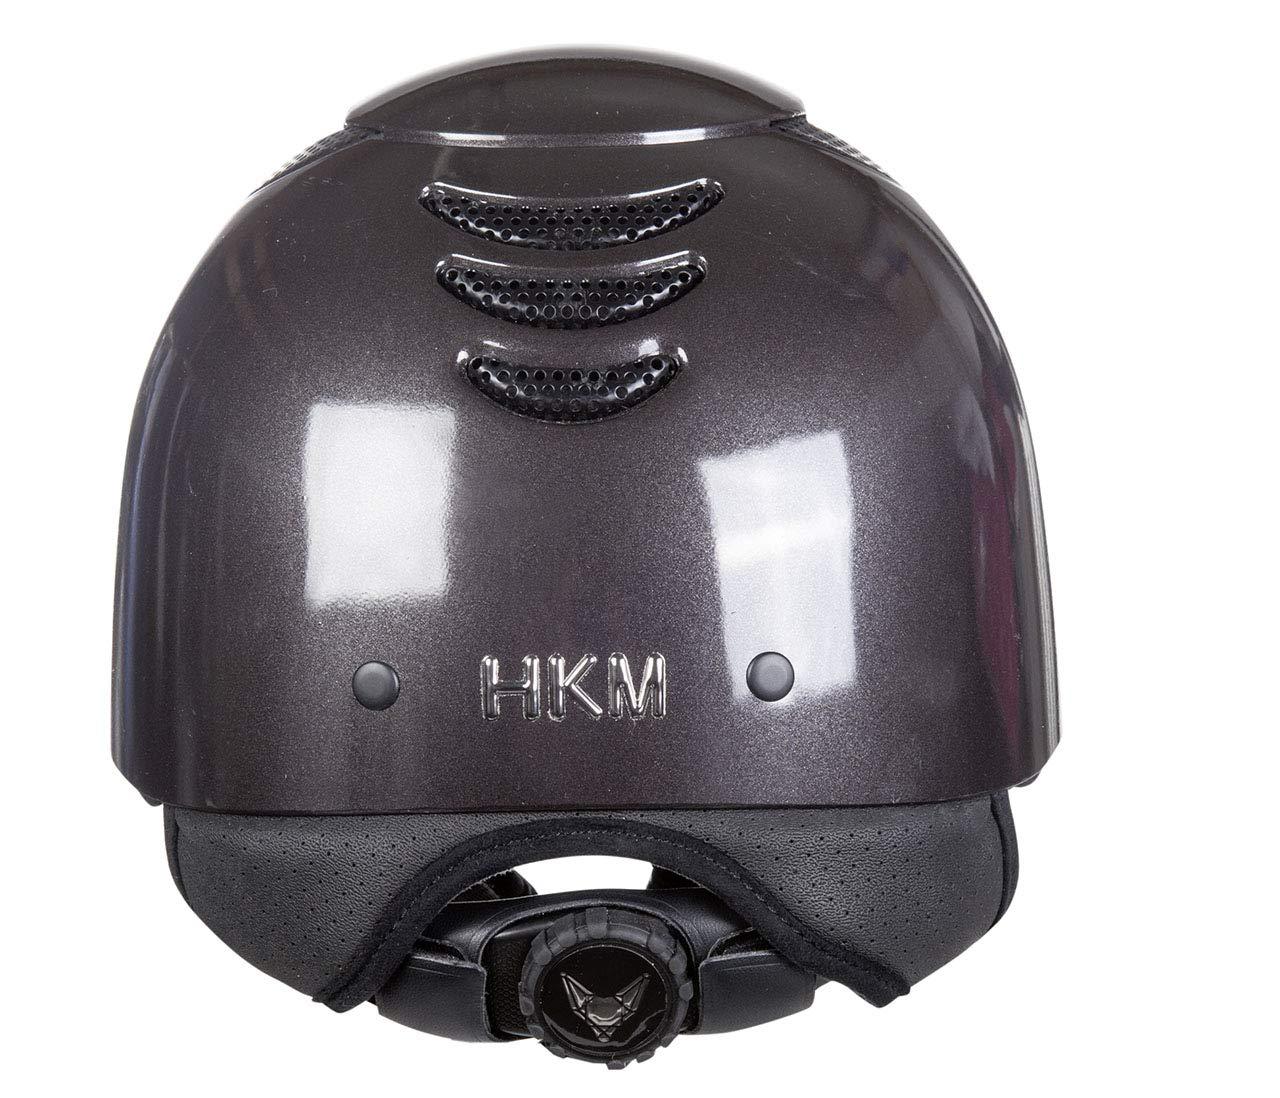 HKM - Casco de equitación hípica 20 A 24 pulgadas modelo Rocket de los niños casco: Amazon.es: Deportes y aire libre